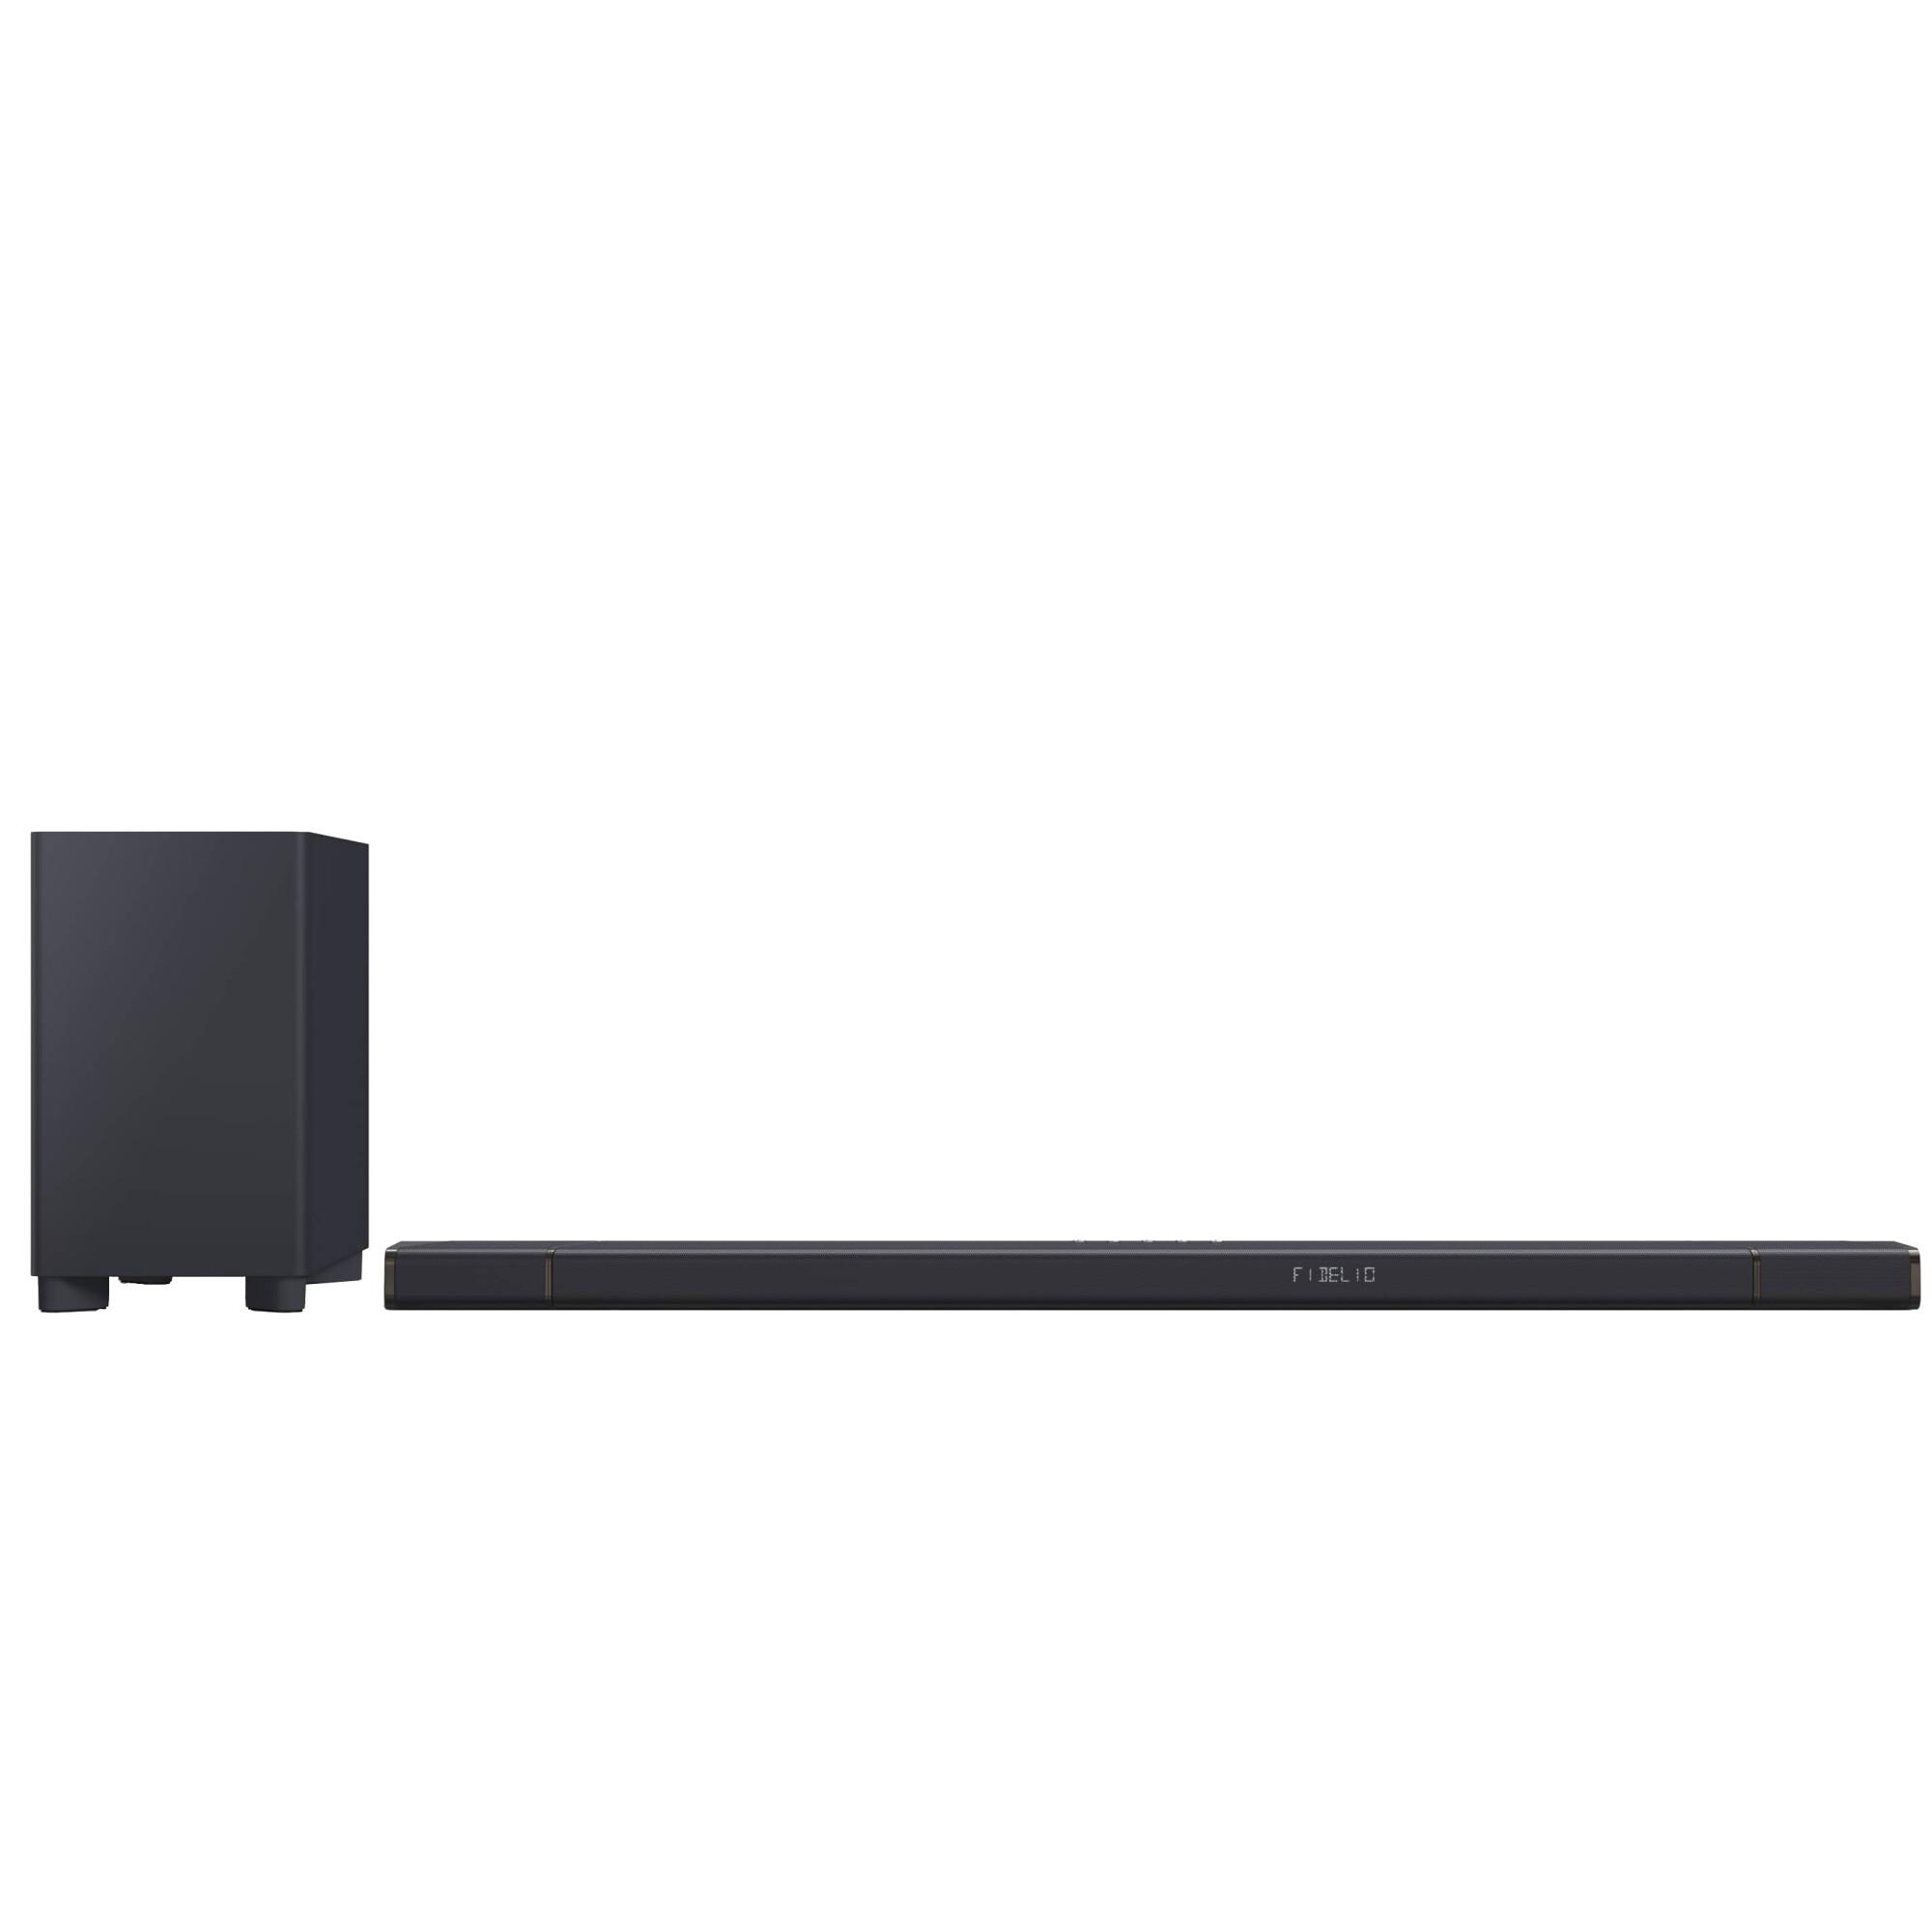 Fotografie Soundbar Philips B97/10, 7.1.2, 450W, Subwoofer Wireless, Dolby Atmos, Negru